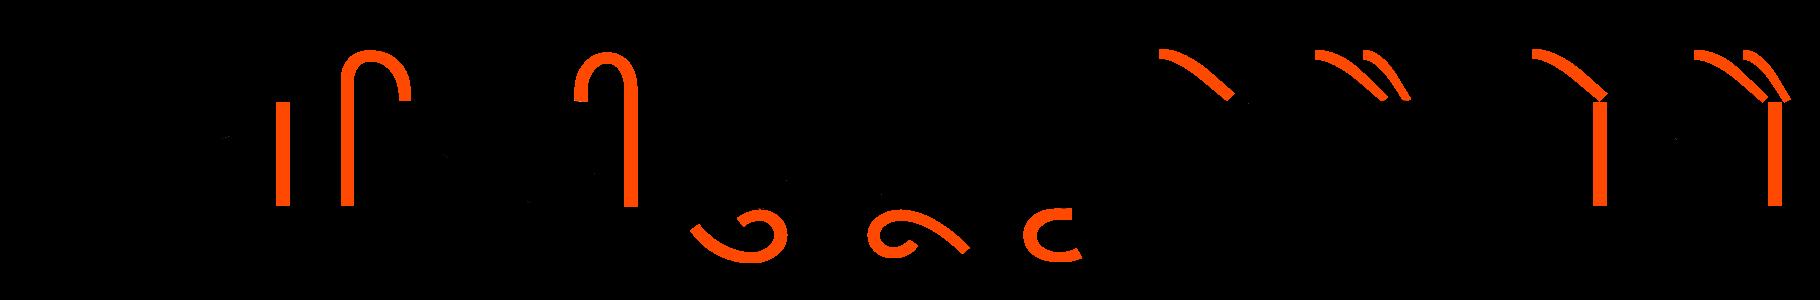 Gujarati PNG - 65294